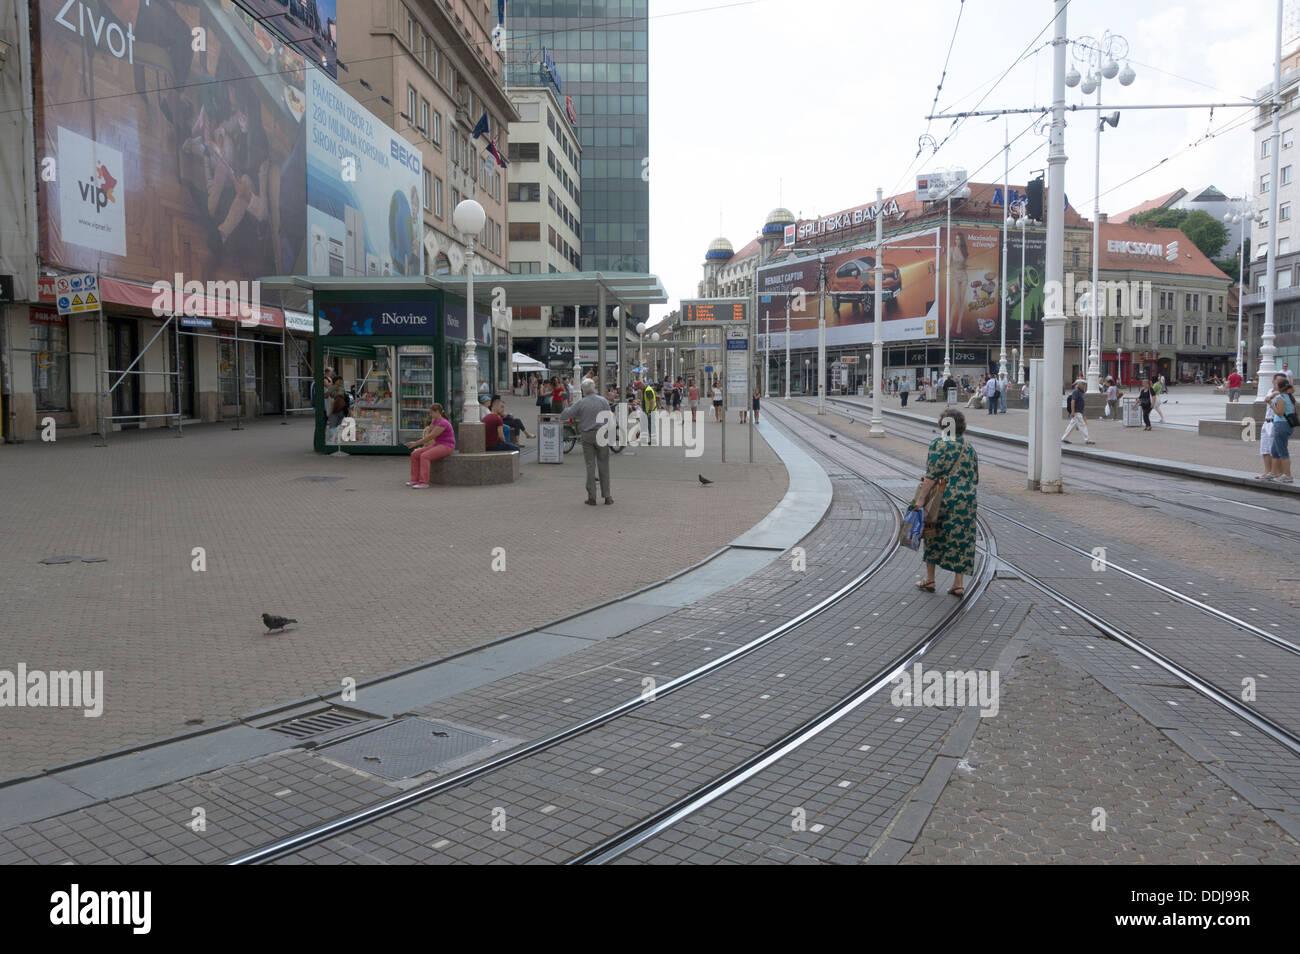 Zagreb street view - ban Jelacic square - Stock Image